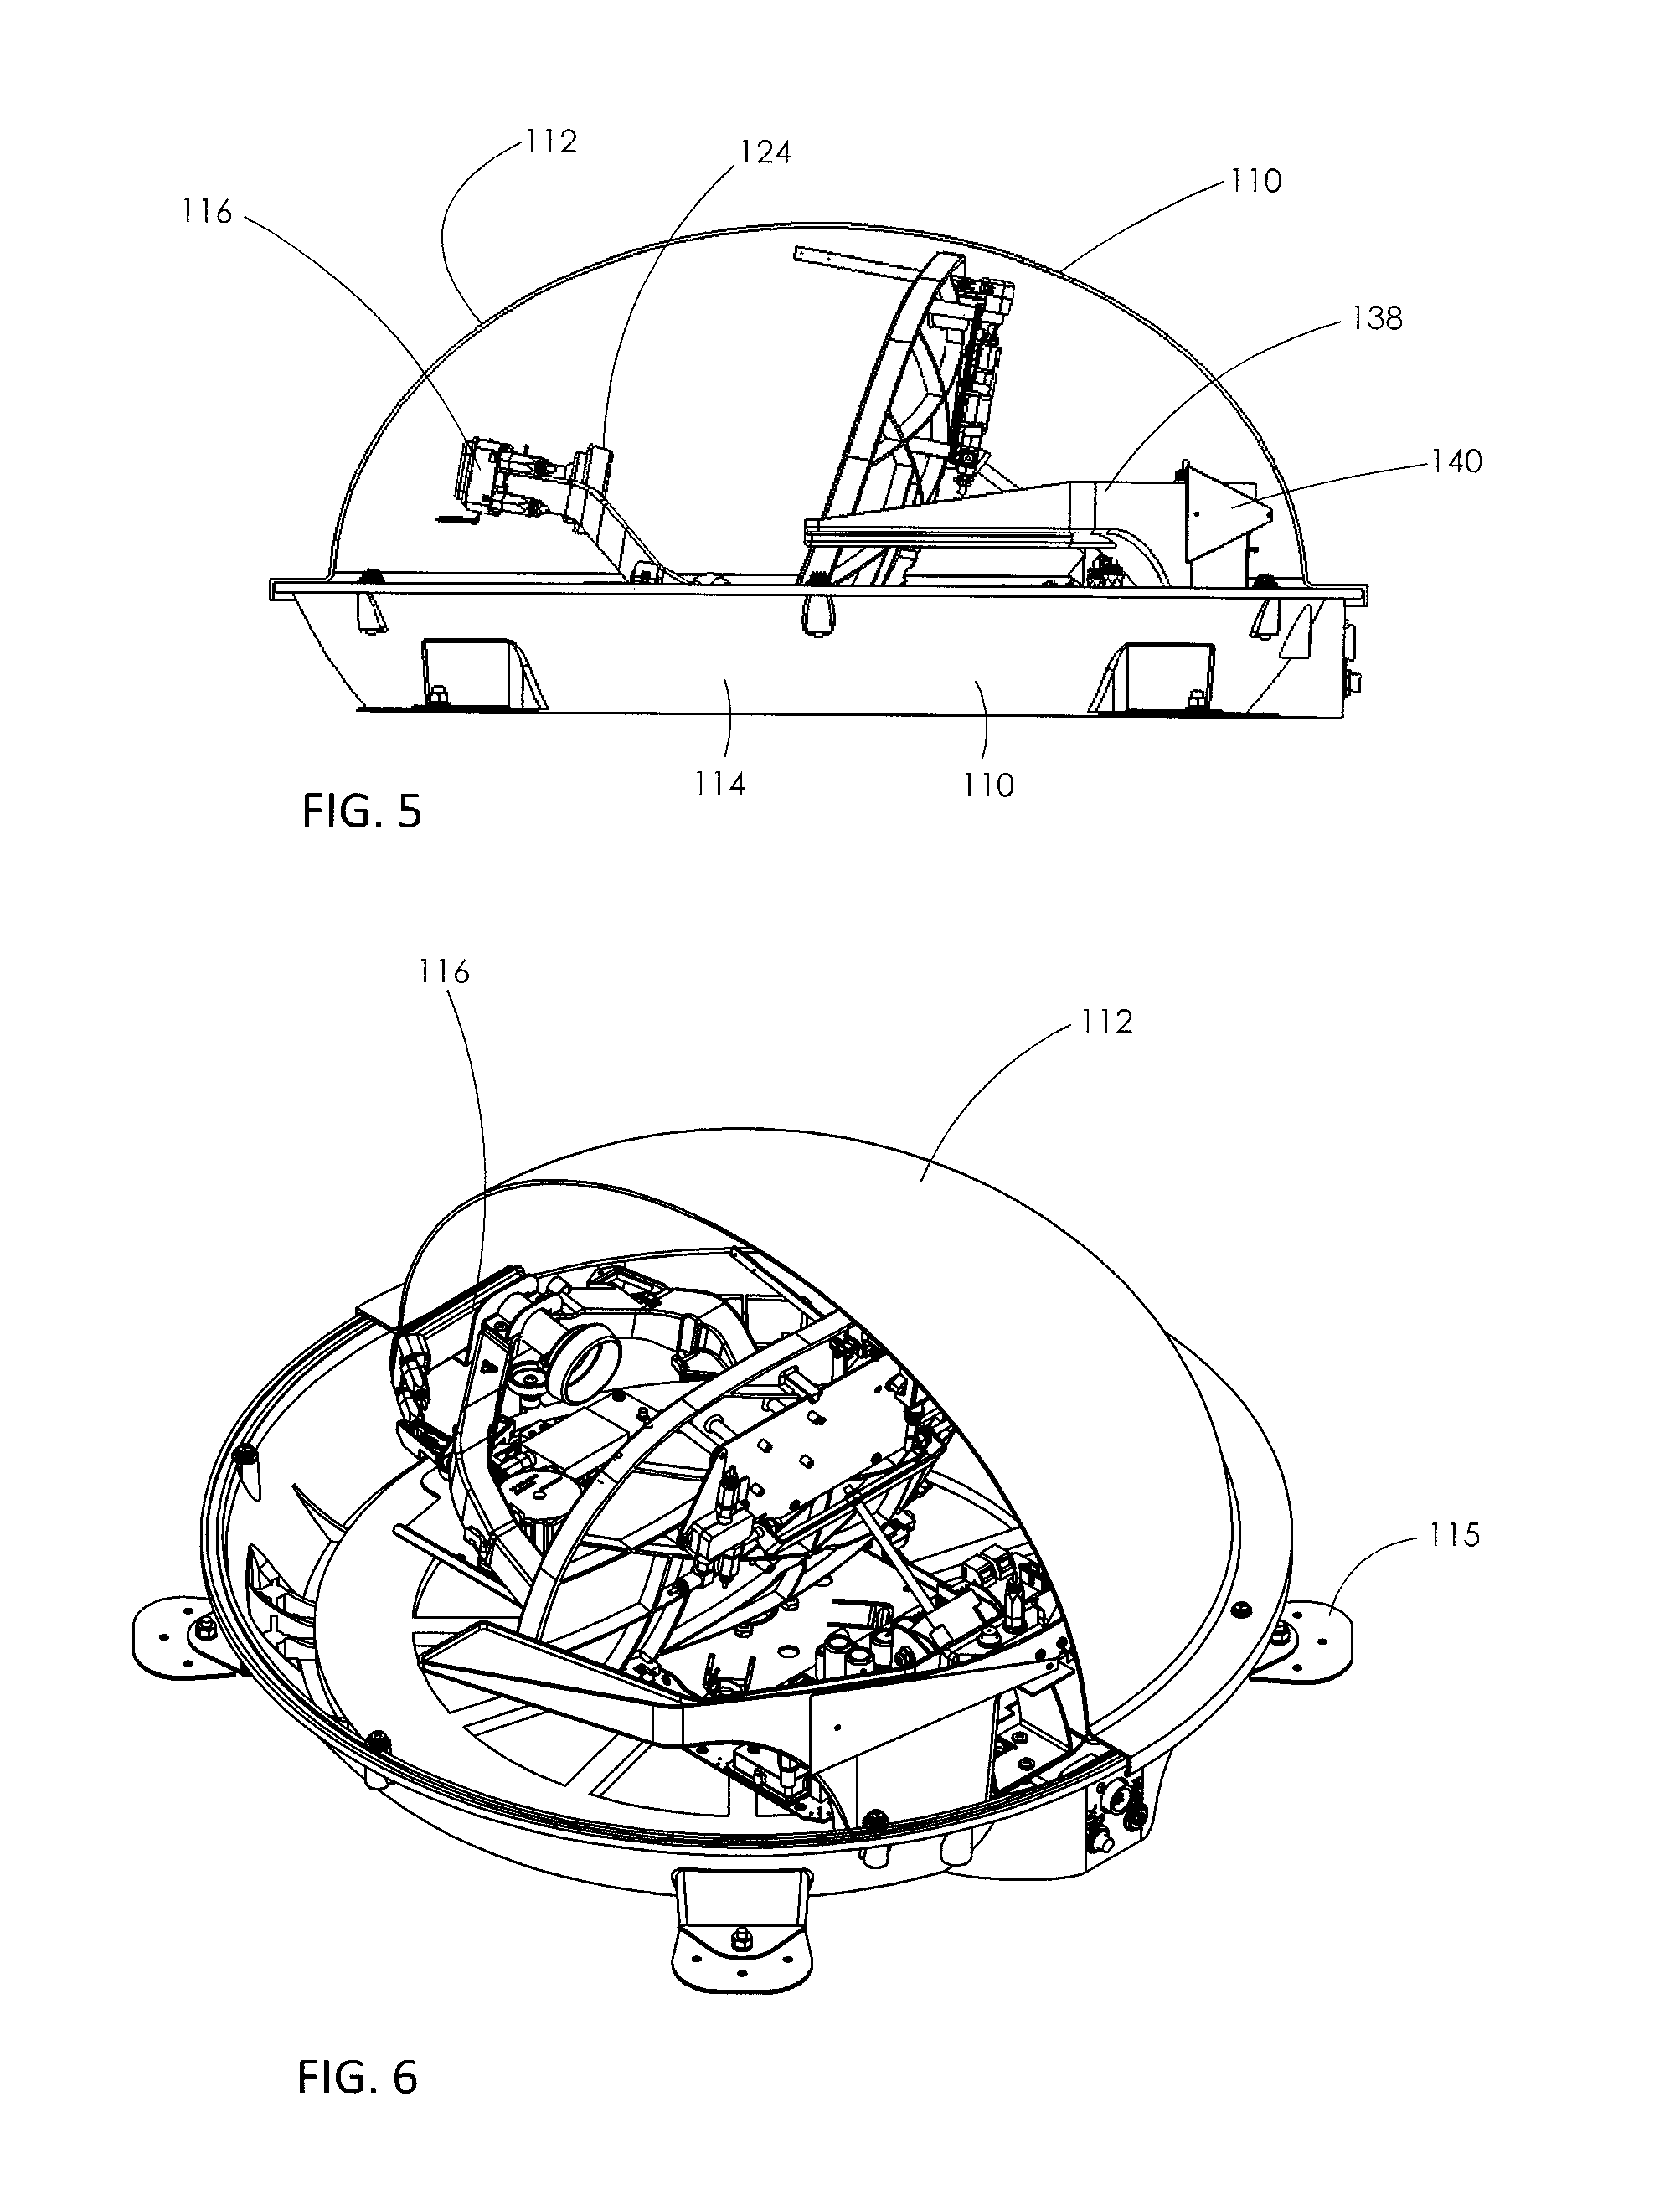 King Dome Satellite Wiring Diagram, King, Get Free Image